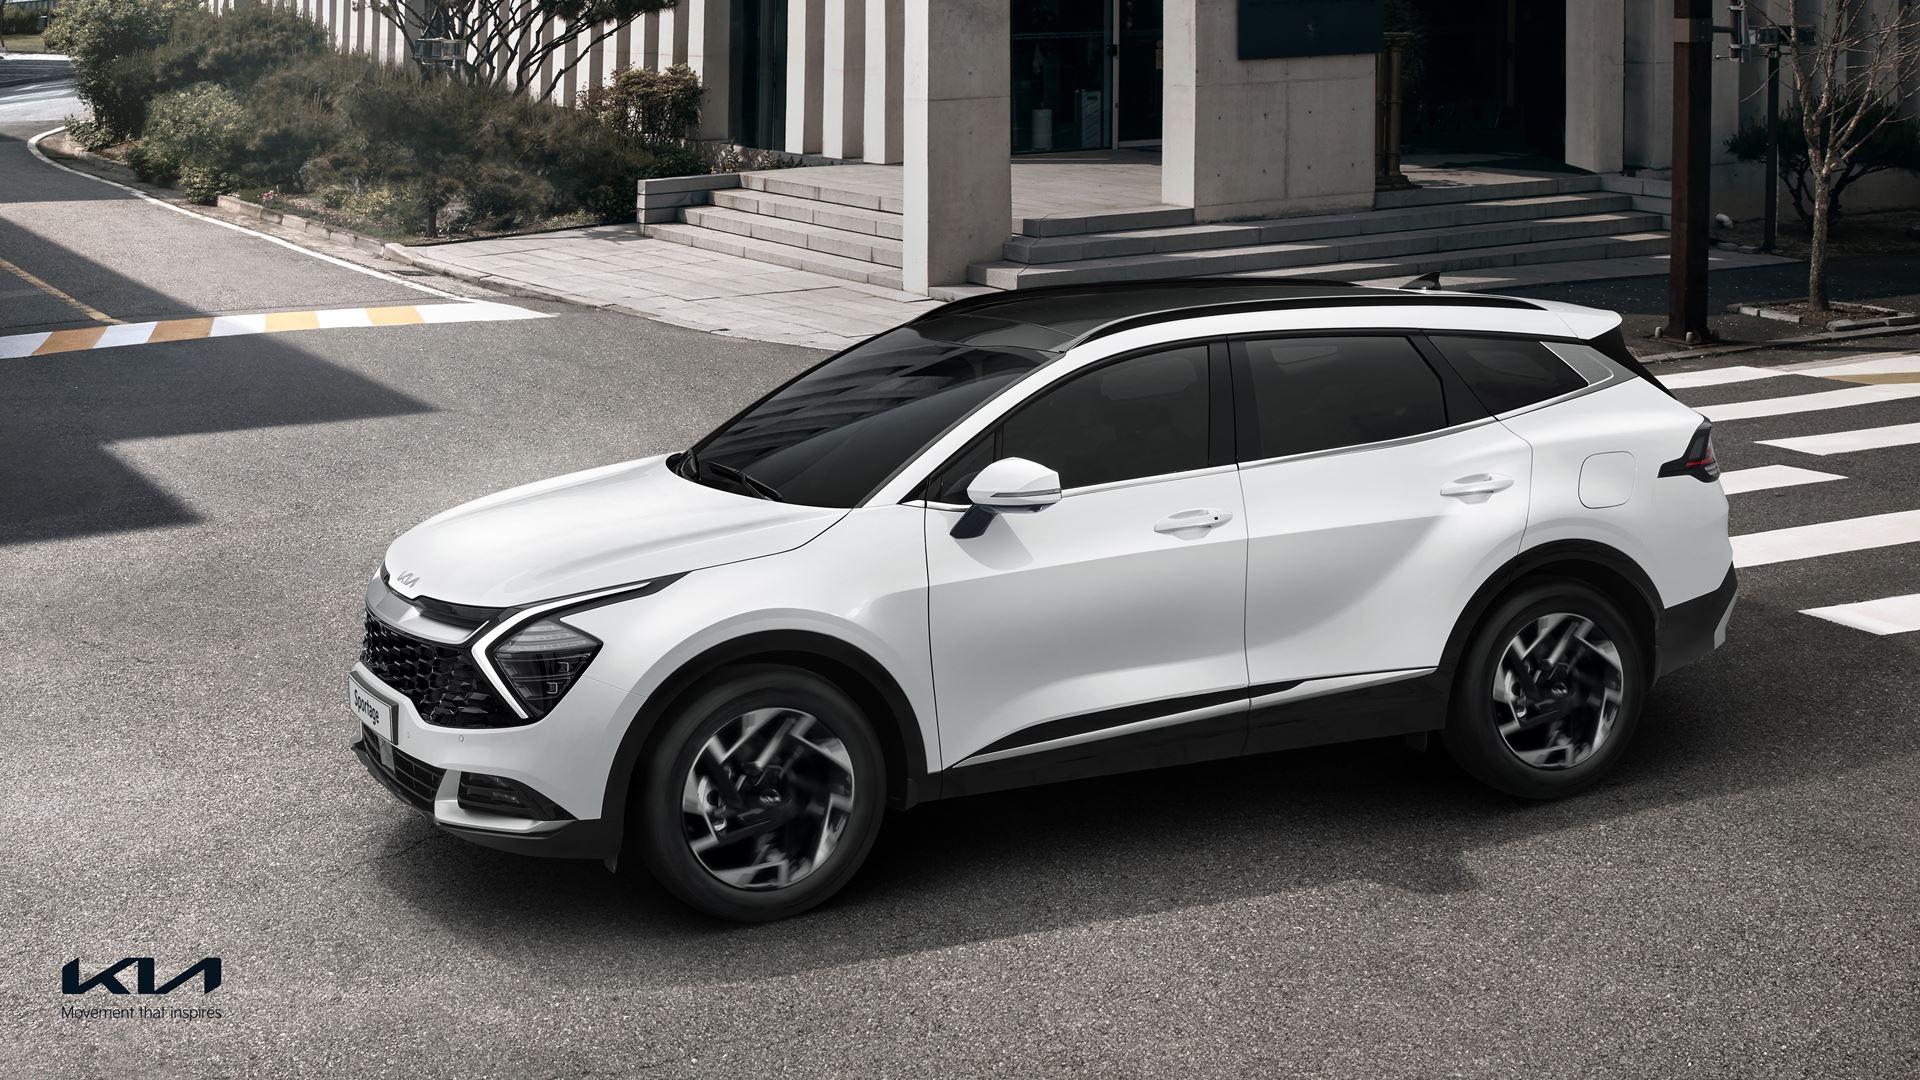 Kia presents all-new Sportage, the ultimate urban SUV - Image 5